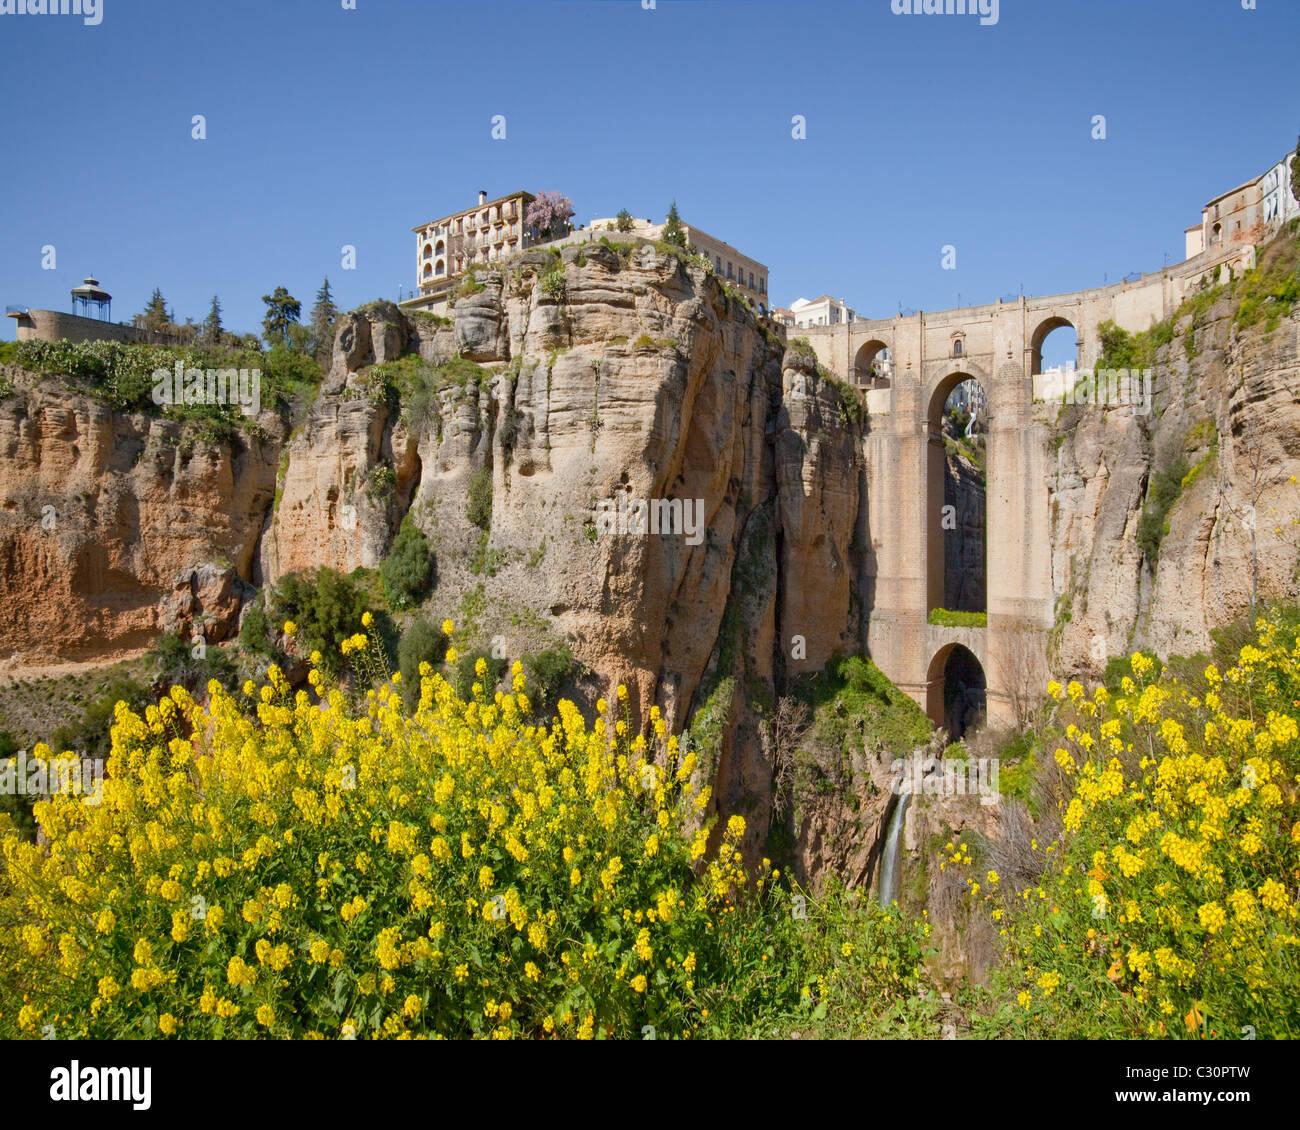 ES - ANDALUSIA: El Tajo Gorge & Puente Nuevo at Historic Ronda - Stock Image